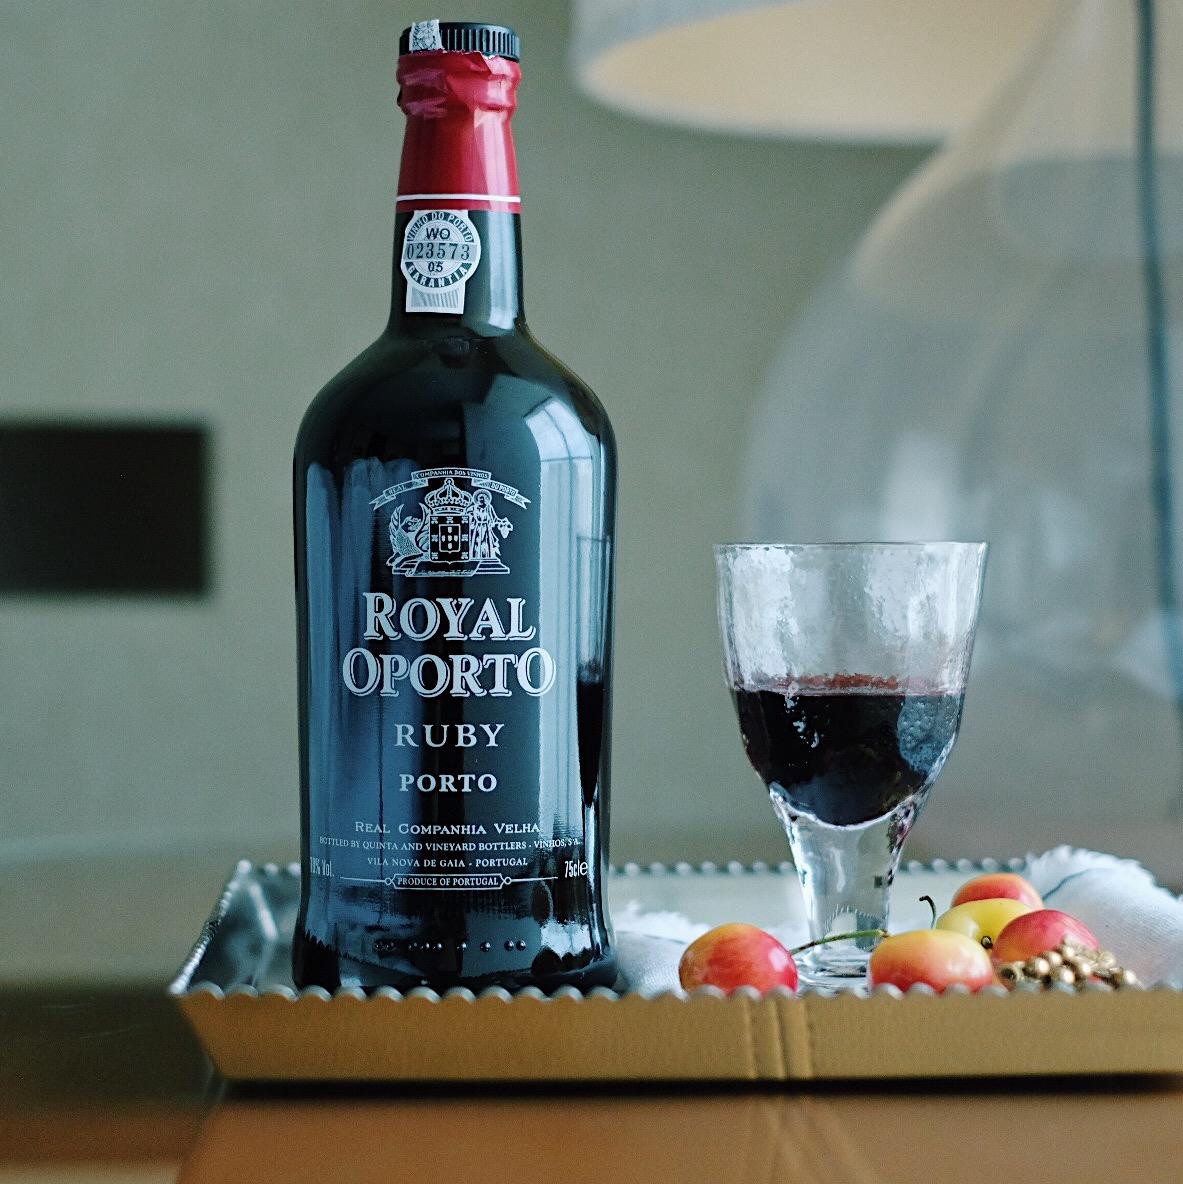 19度波特晚安酒   葡萄牙Royal oporto皇家红宝石波特酒